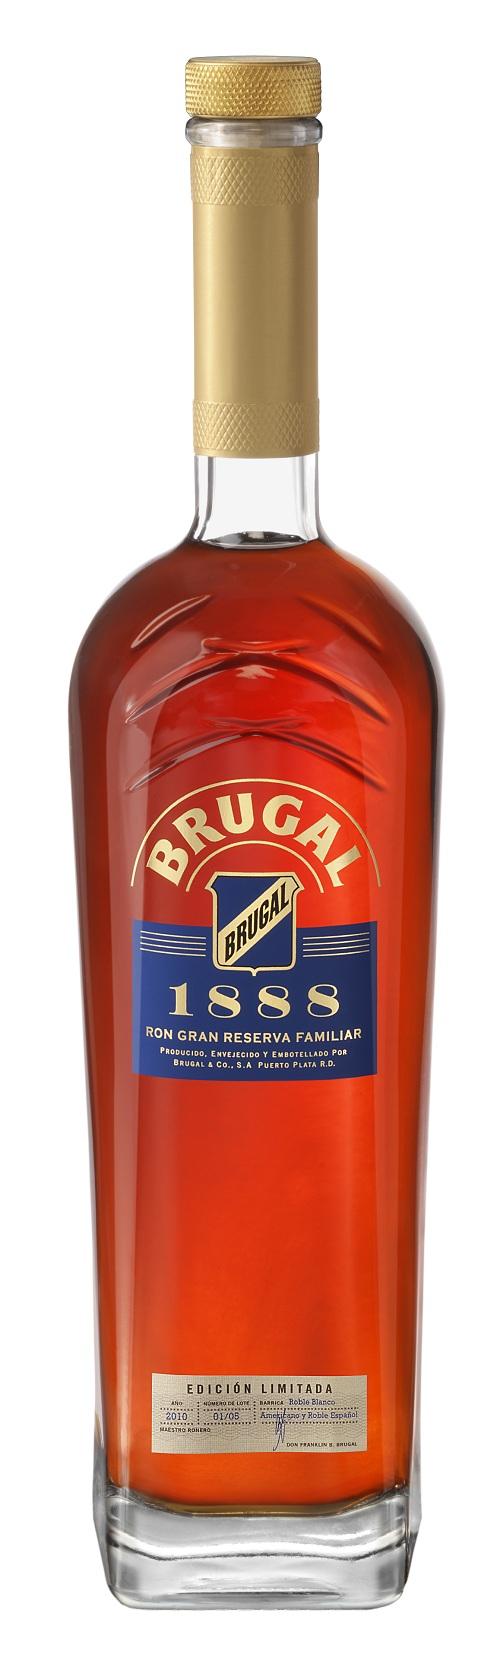 Brugal 1888 Ron Gran Reserva Familiar